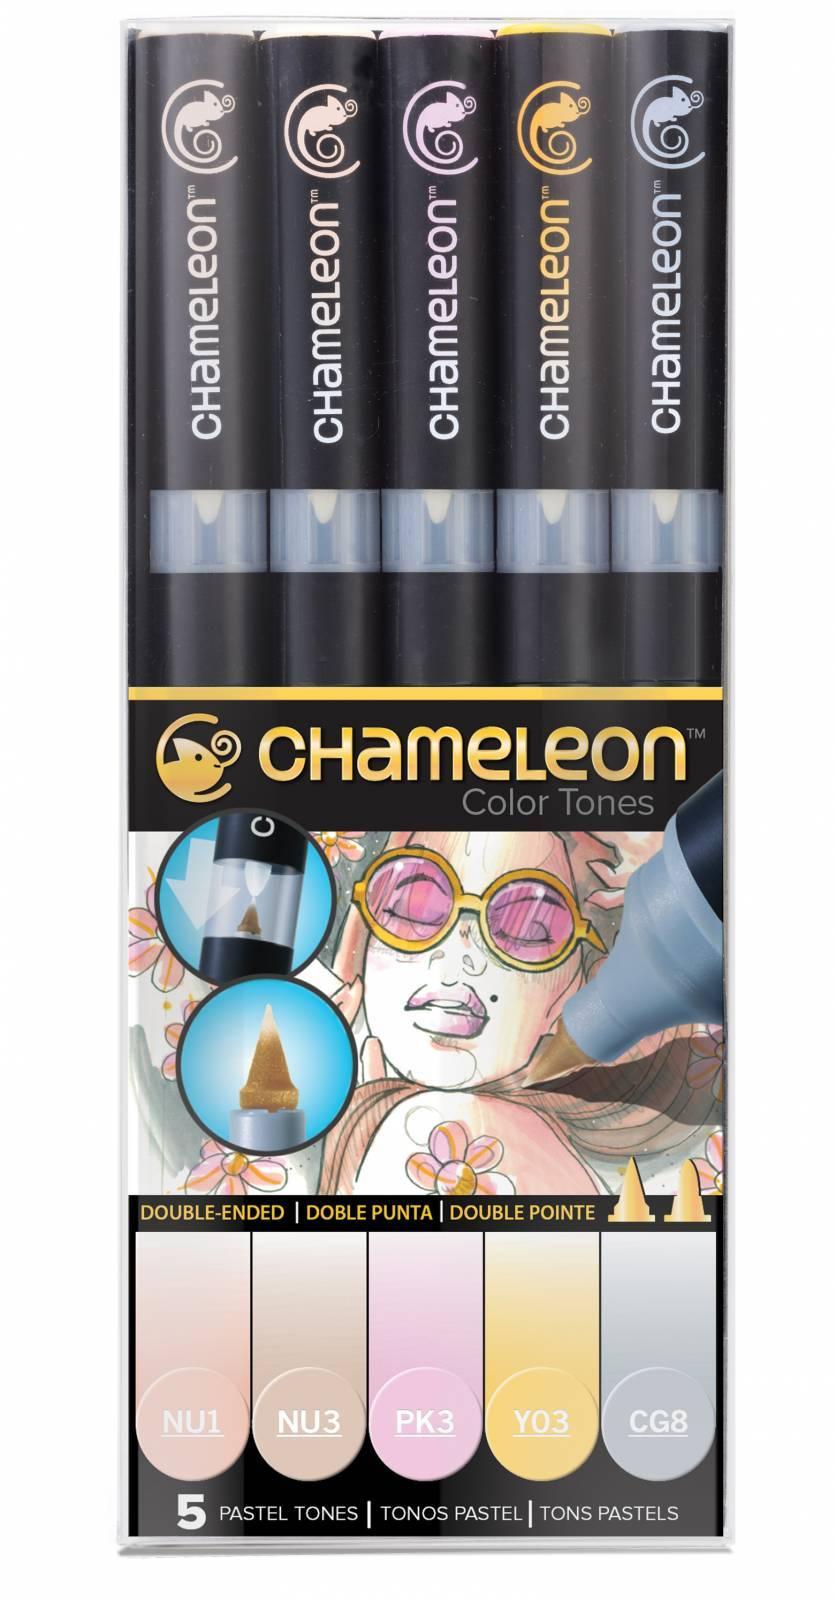 Kit Chameleon 5 canetas - Tons Pastel - Papelaria Botafogo